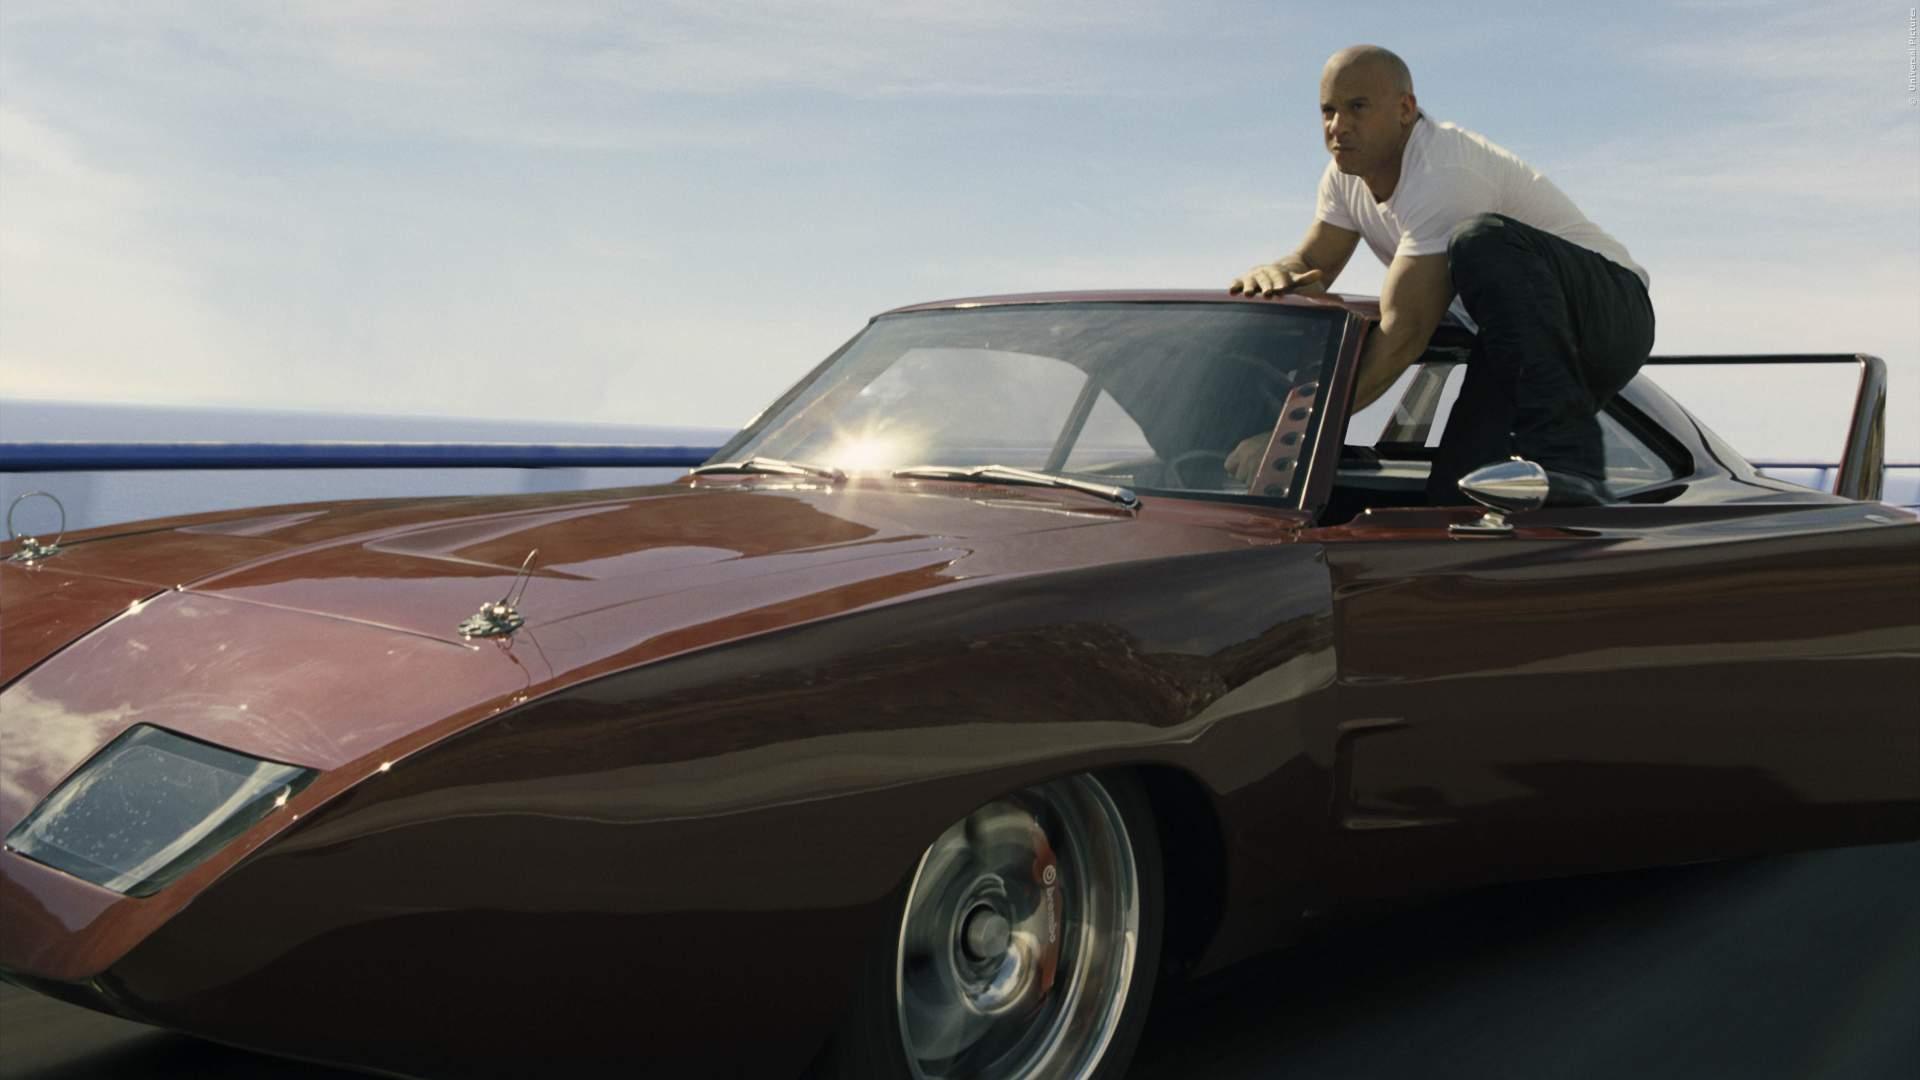 Vin Diesel in Fast and Furious - Bild 9 von 12